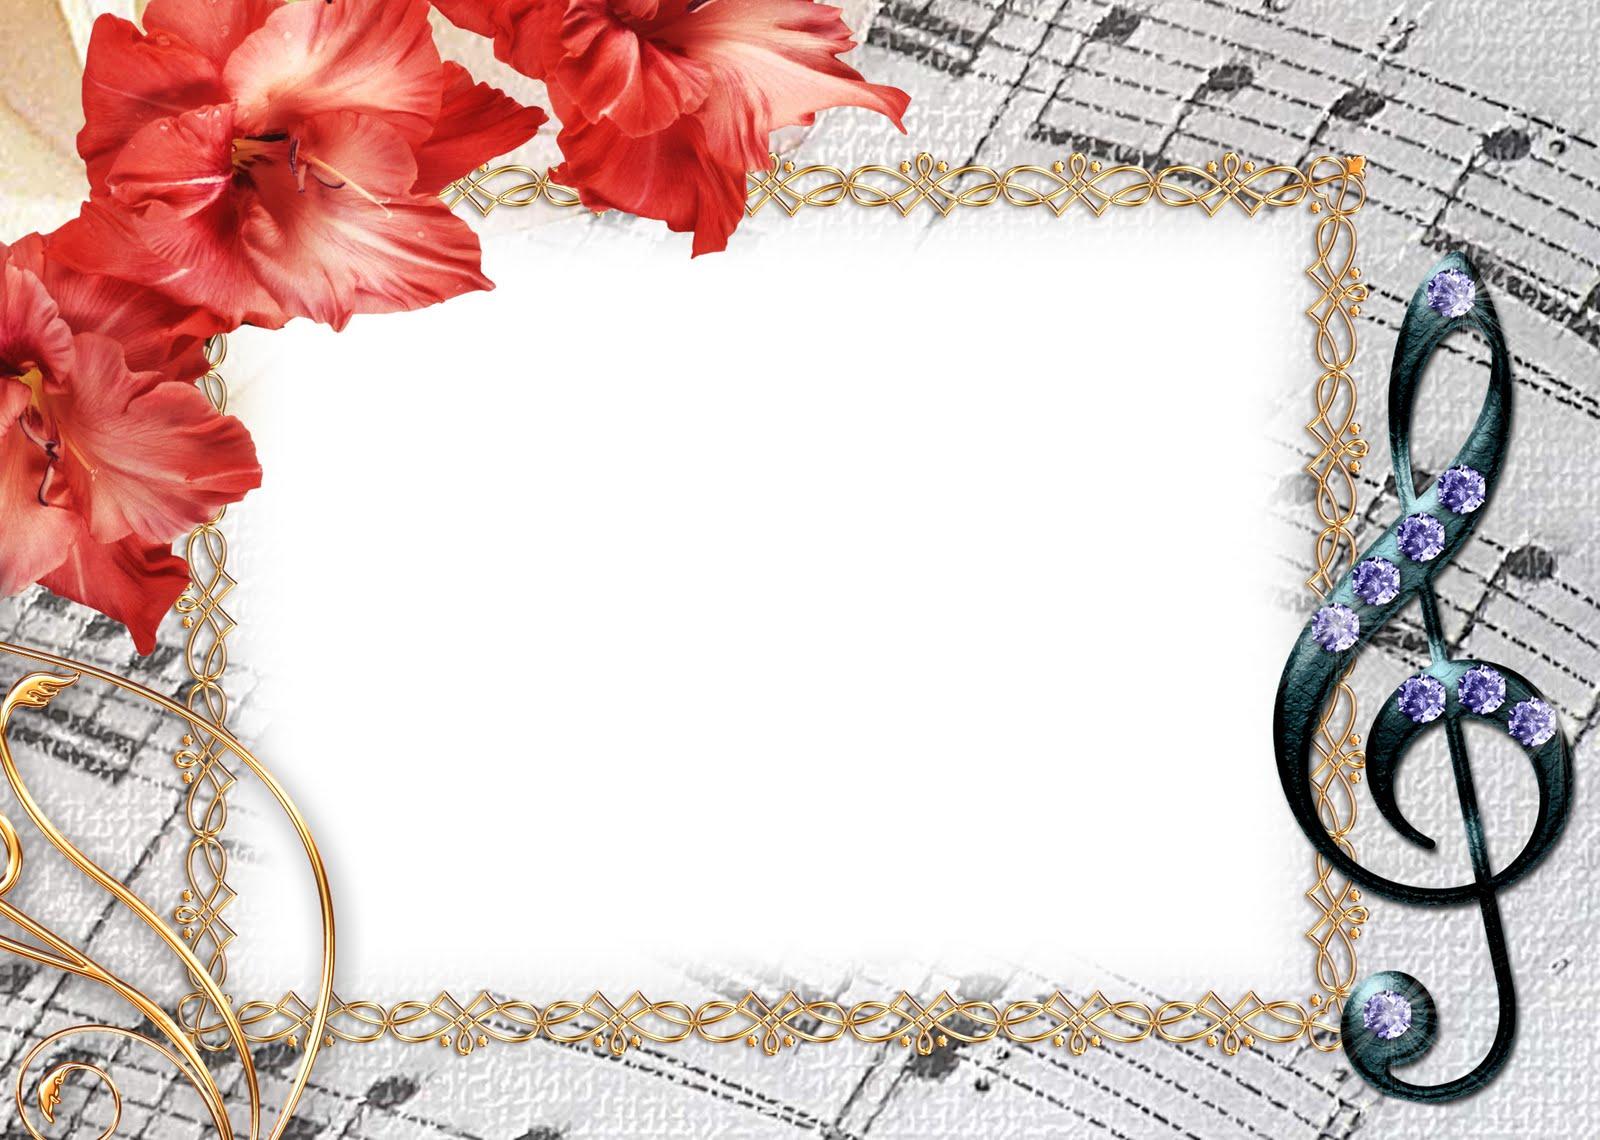 Рамки для открыток музыкальных